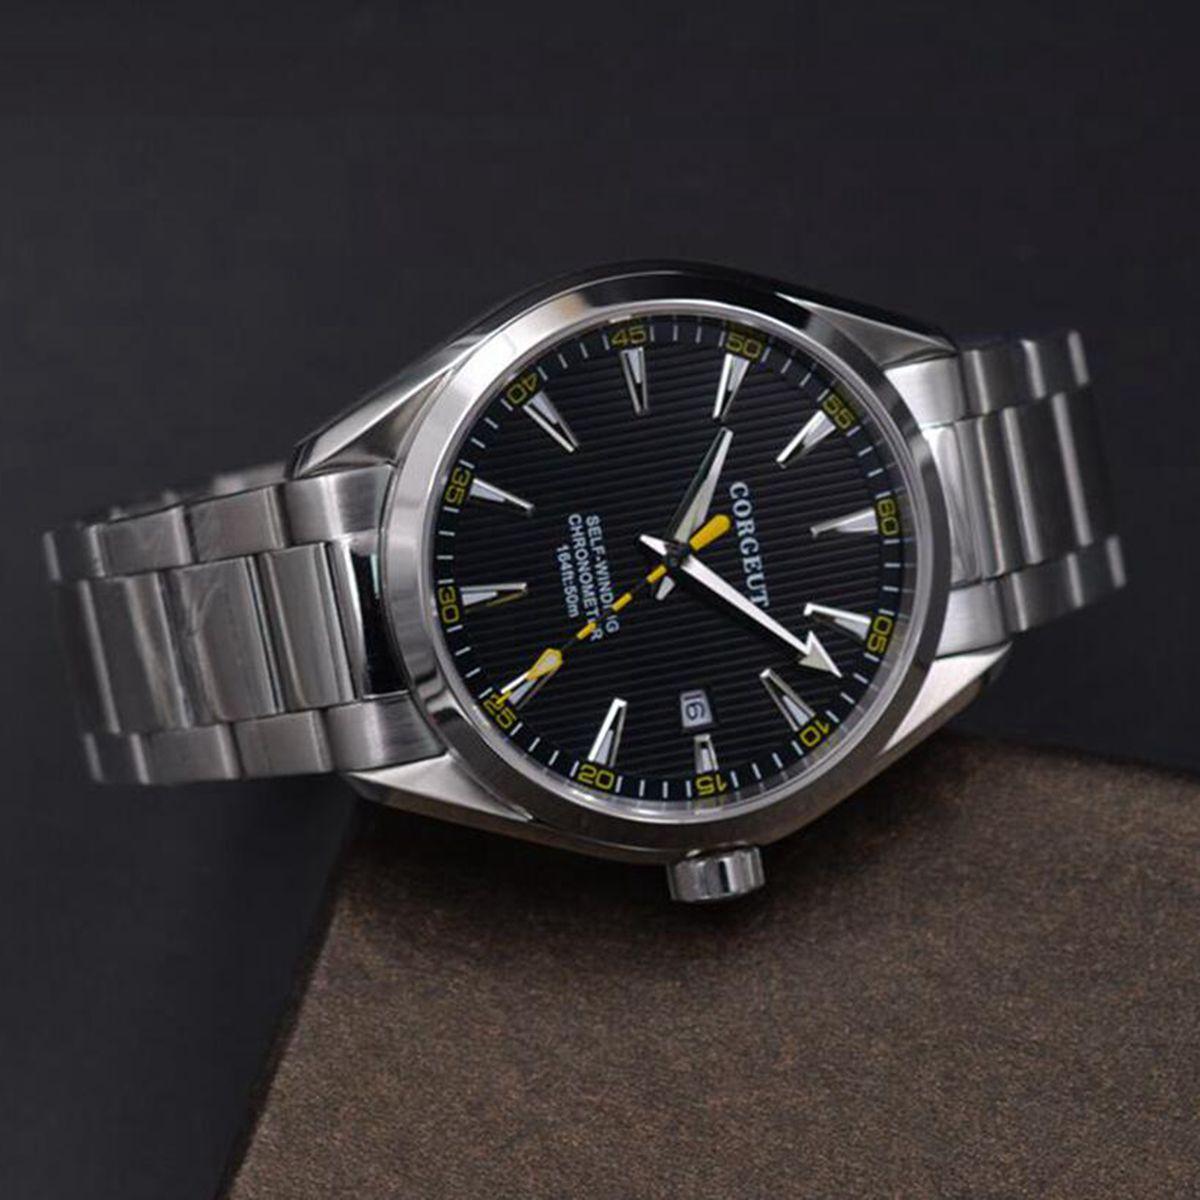 Corgeut 41 มม.ผู้ชายนาฬิกาอัตโนมัติเต็มรูปแบบ blue dial Mechanical Sapphire Glass เครื่องแต่งกายผู้ชายนาฬิกาข้อมือสุดหรูยี่ห้อ-ใน นาฬิกาข้อมือกลไก จาก นาฬิกาข้อมือ บน   3